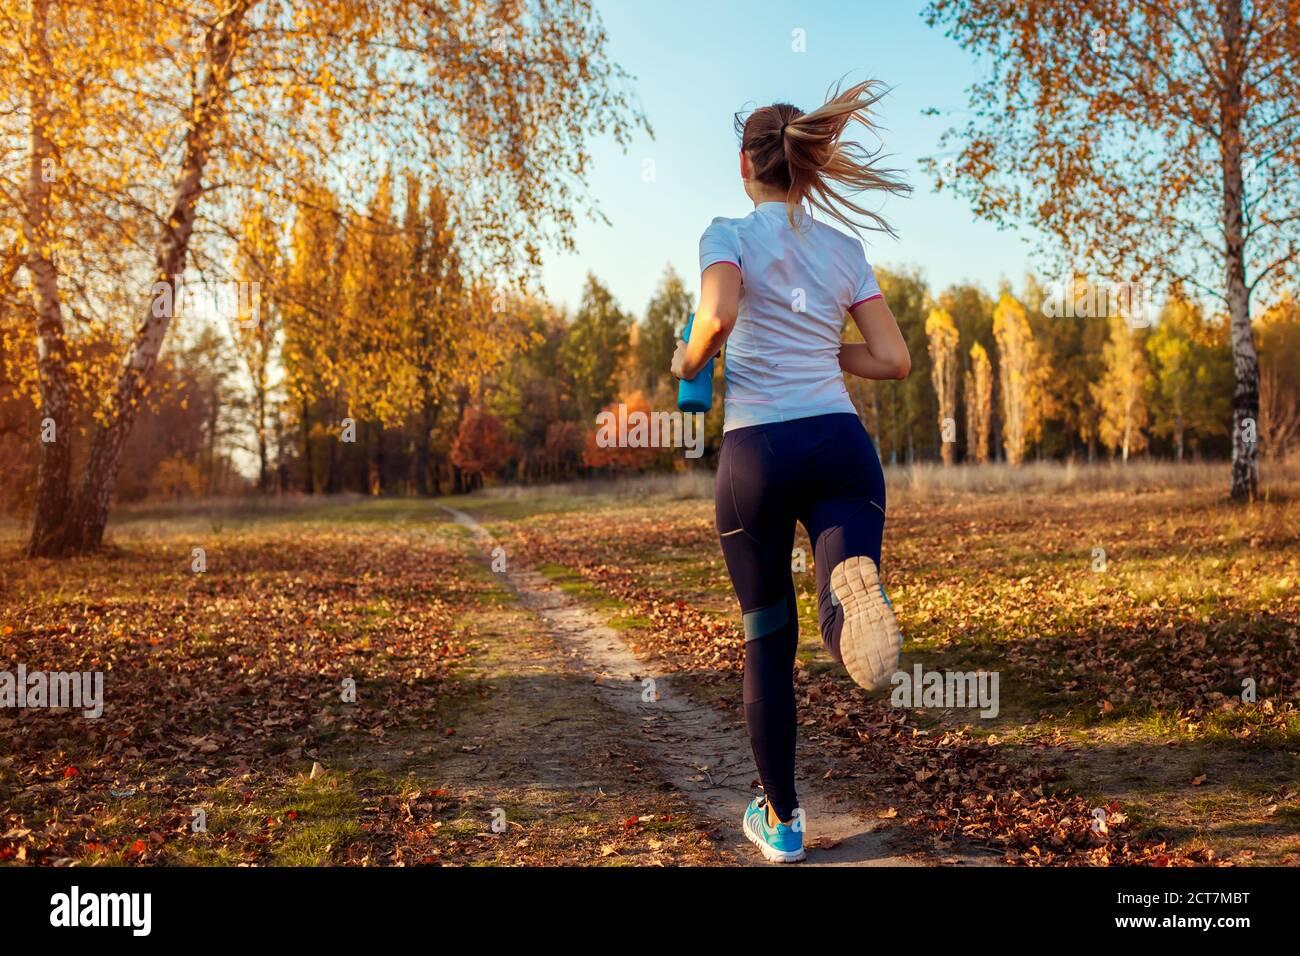 Entrenamiento de corredor en parque otoñal. Mujer joven corriendo al atardecer con ropa deportiva. Estilo de vida activo. Vista posterior Foto de stock